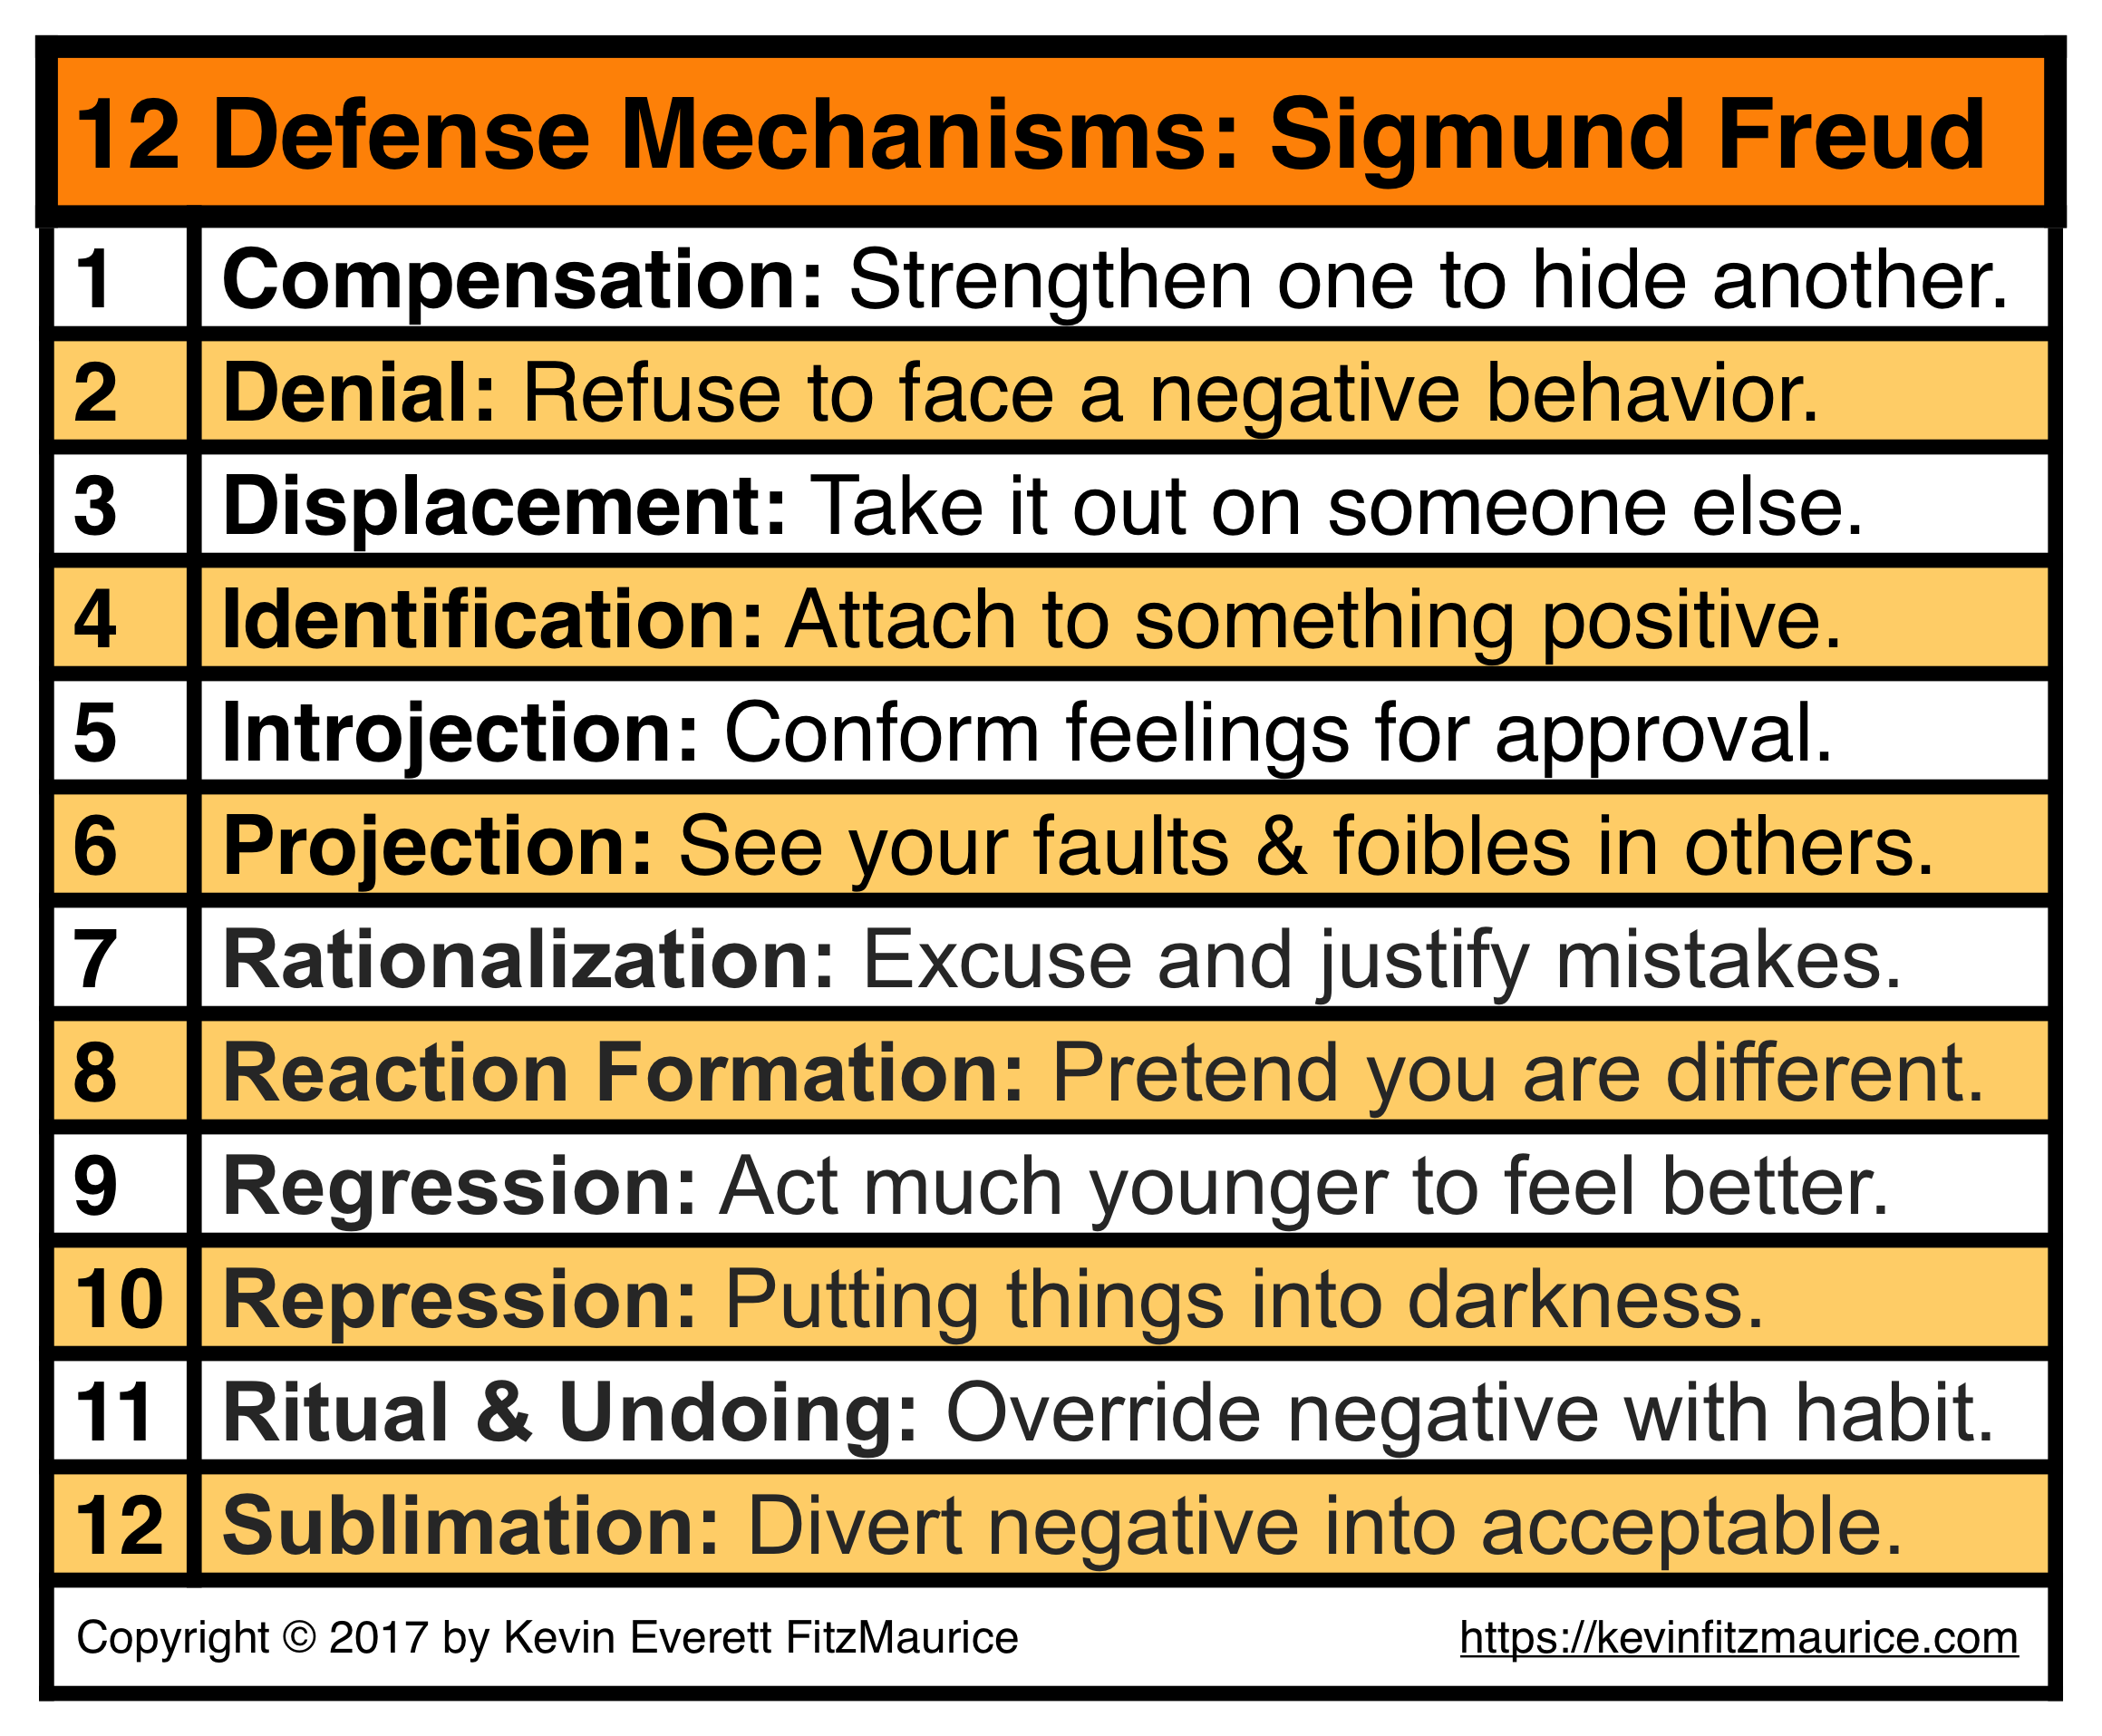 Sigmund Freud: 12 Ego Defense Mechanisms